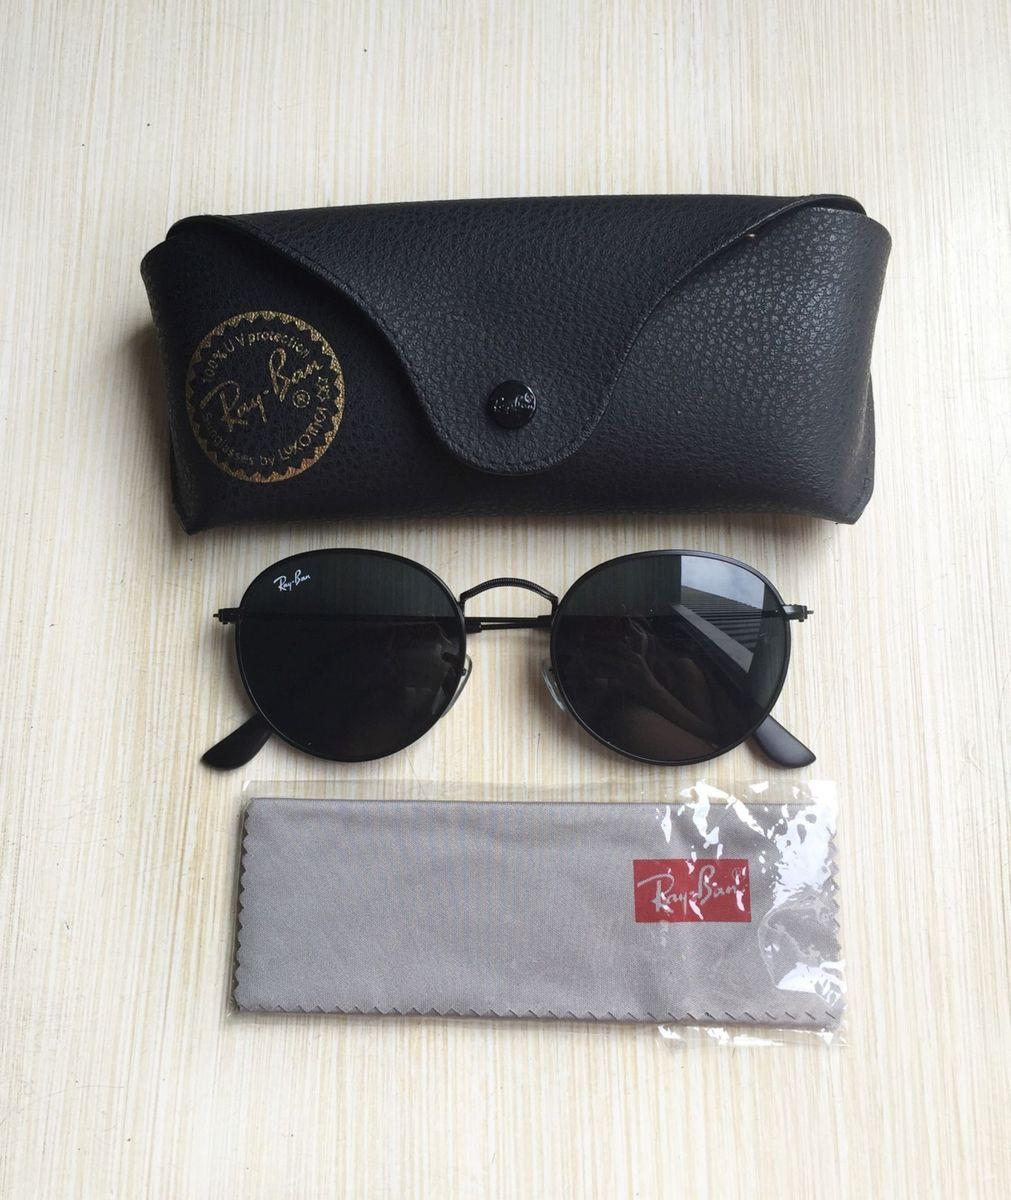 round preto - óculos ray ban